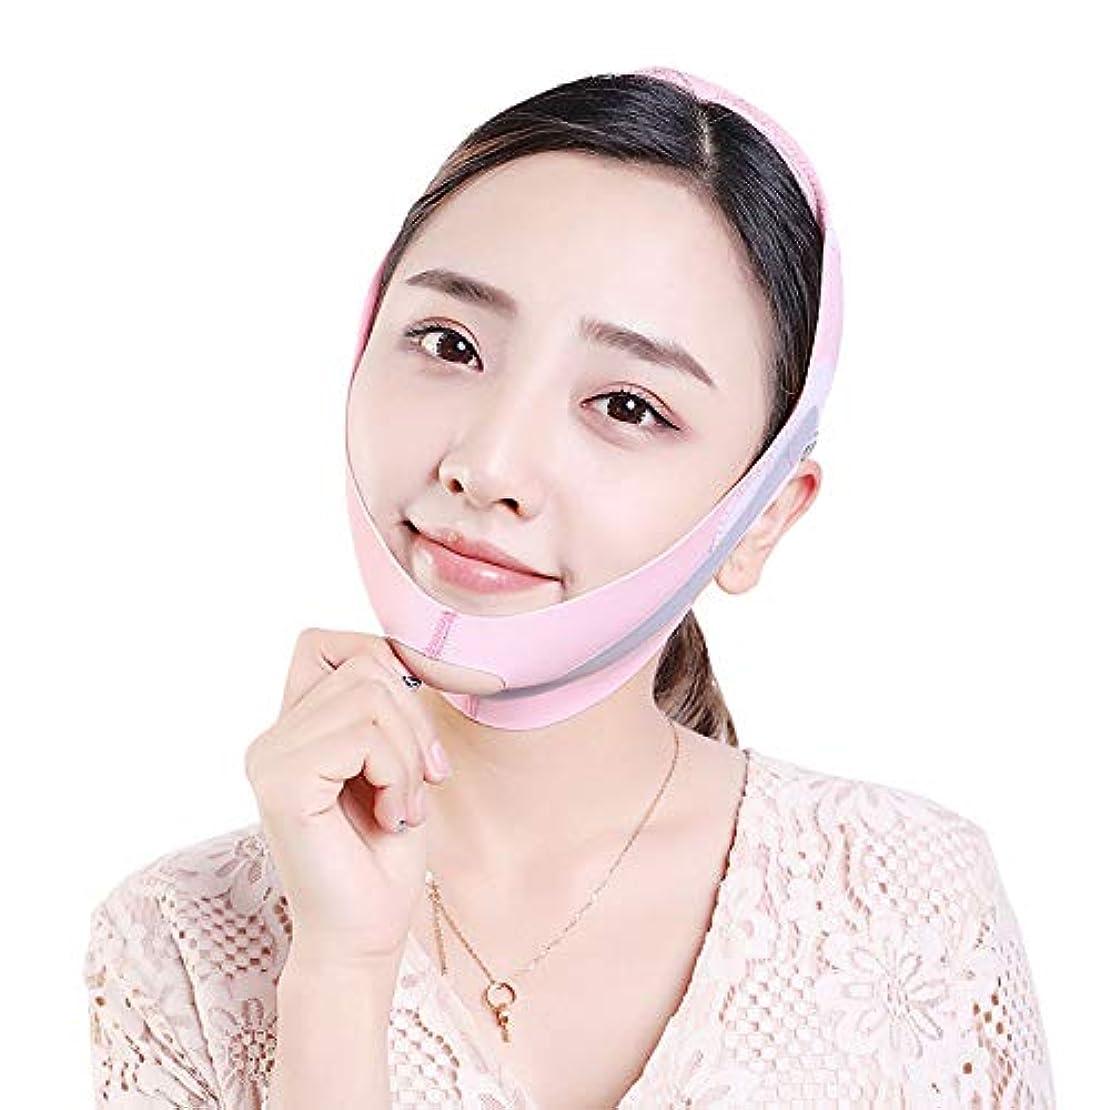 インフラベット定義する滑らかで フェイスマスク、Vフェイス包帯/リフティング咬筋収縮あご/ネックサポートリフトVフェイスベルト(ピンク)